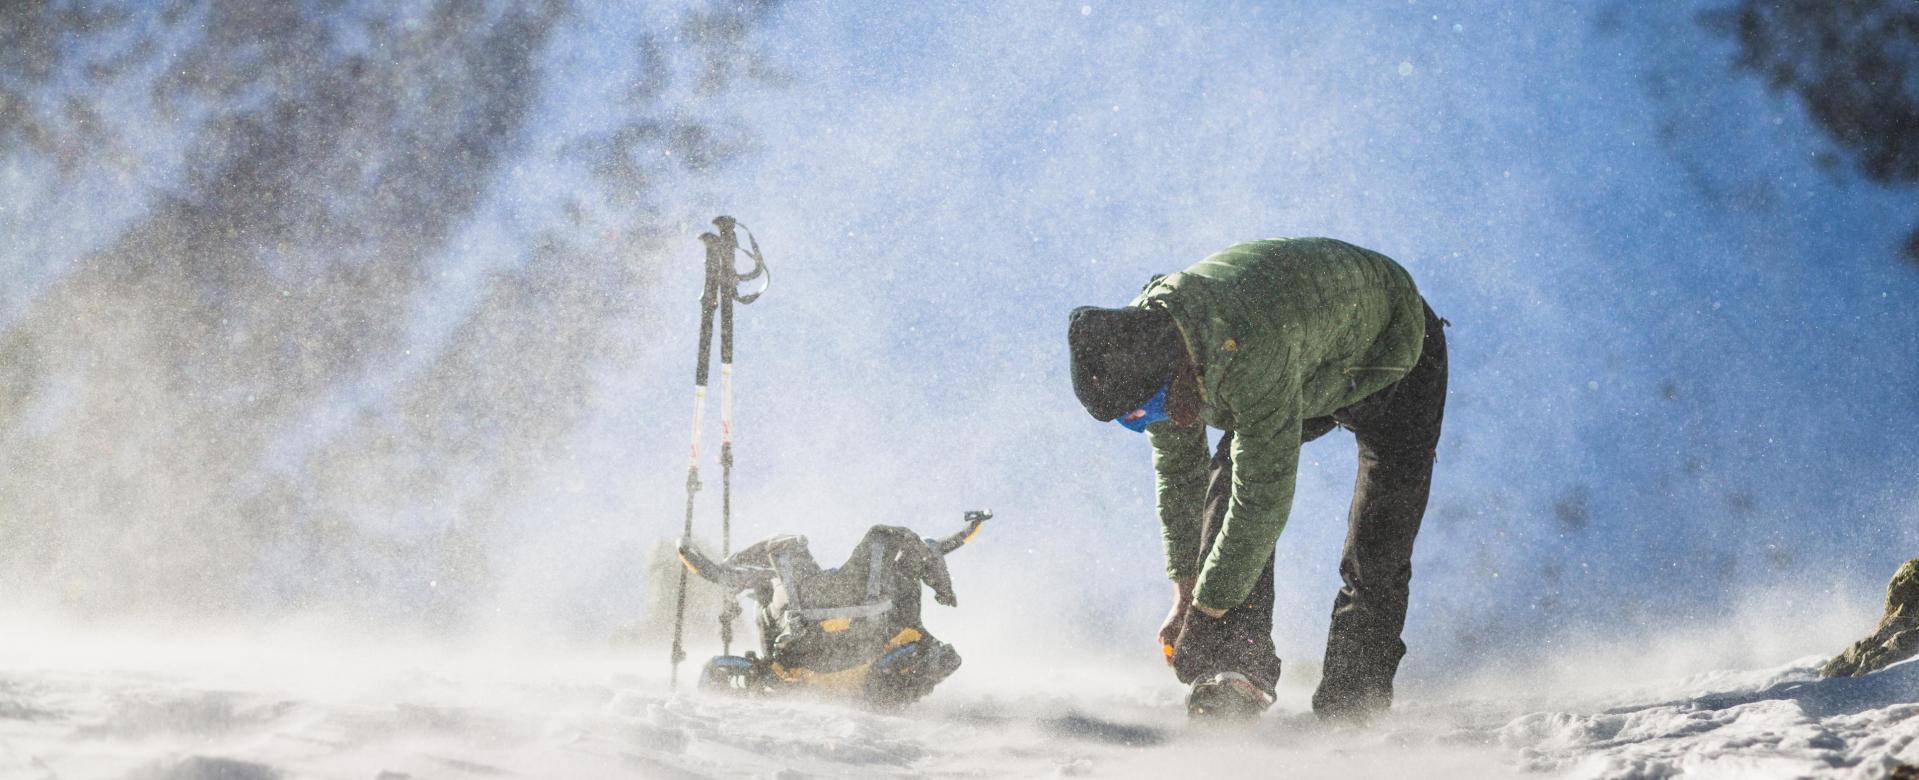 Voyage à pied : Bulgarie : Réveillon sous la neige au monastère de rila